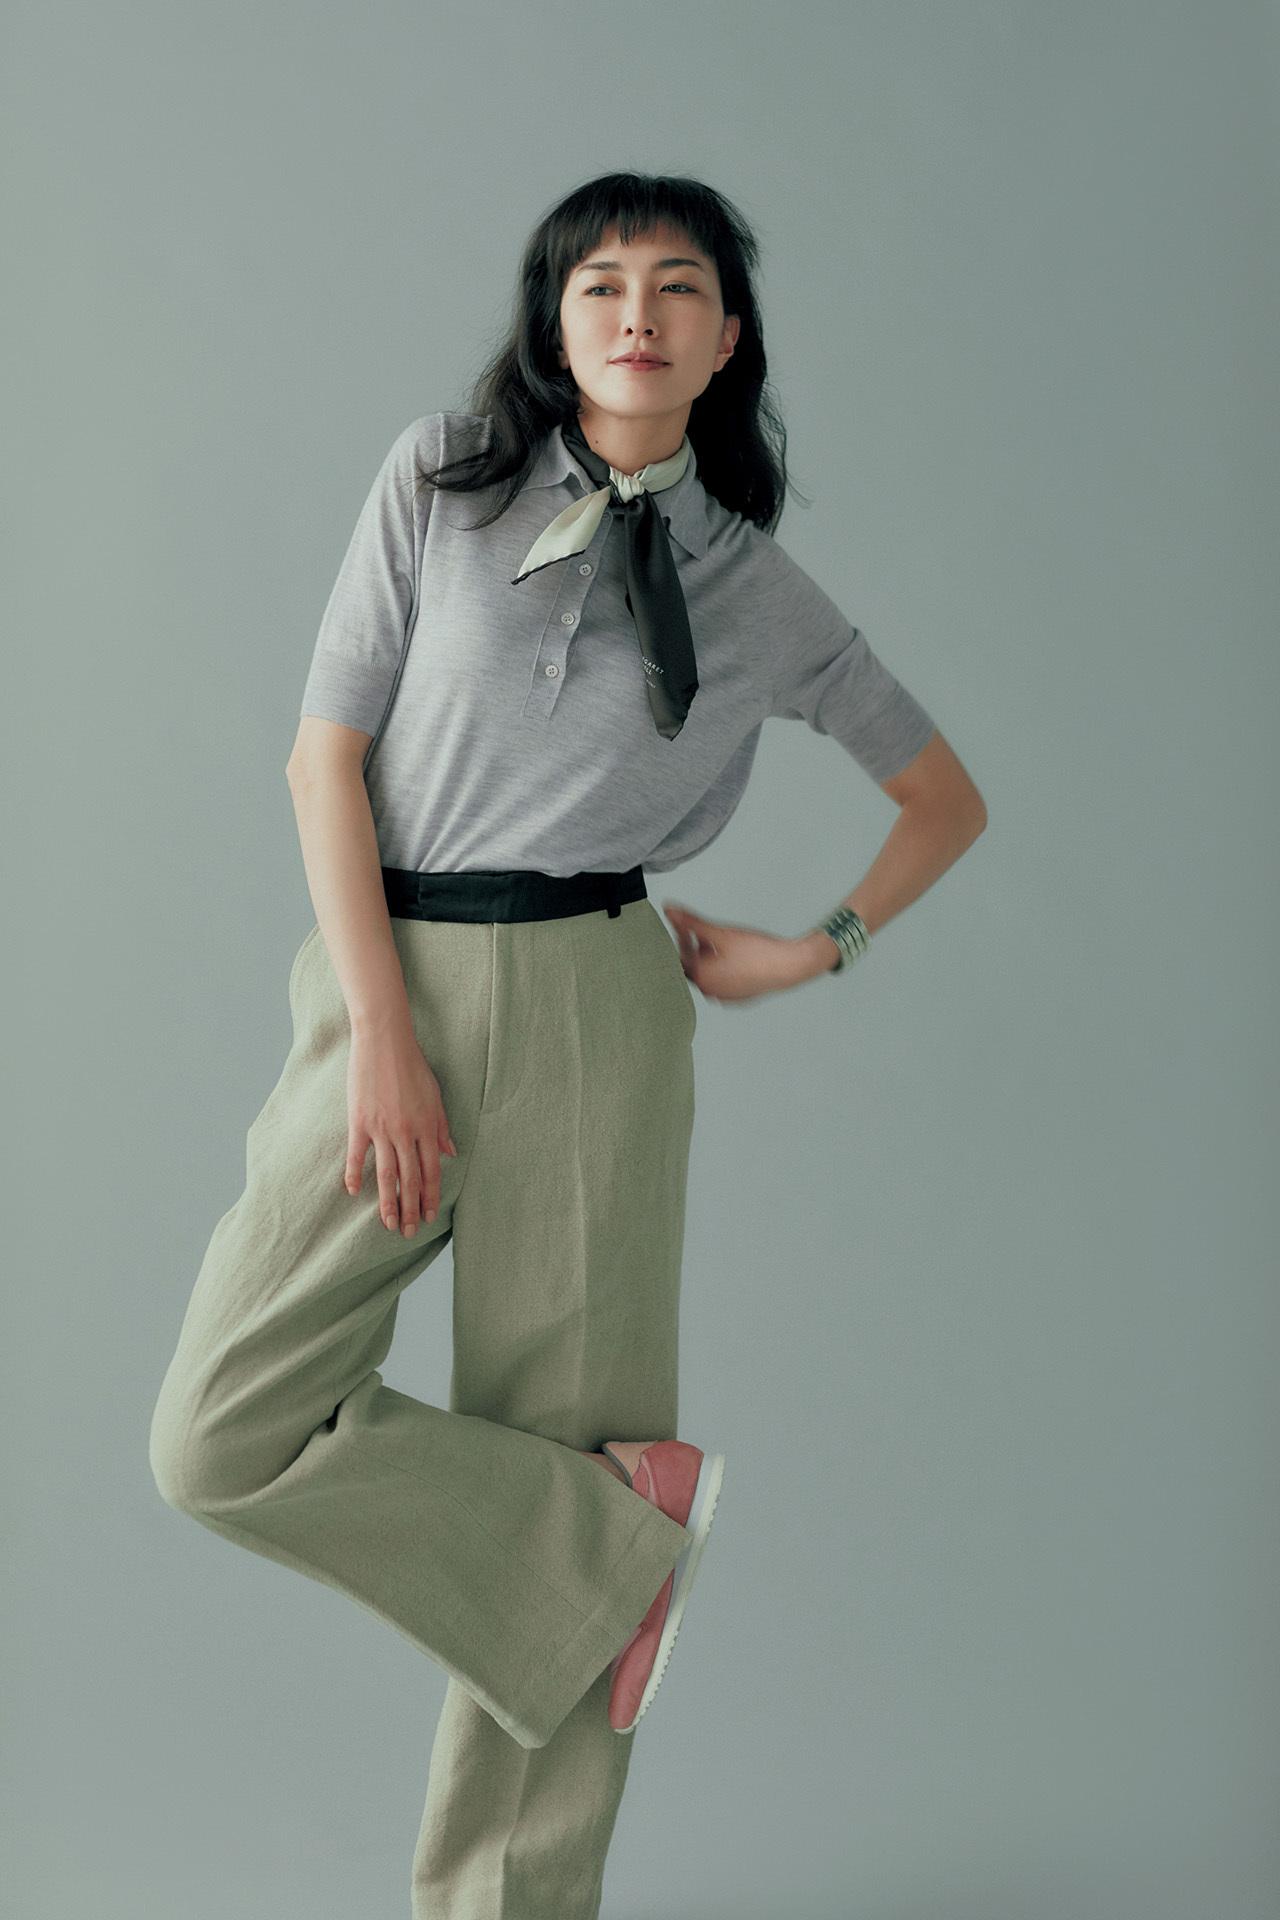 エブリデイ、パンツ派! 板谷由夏、最愛のパンツを春モードに更新 五選_1_1-5